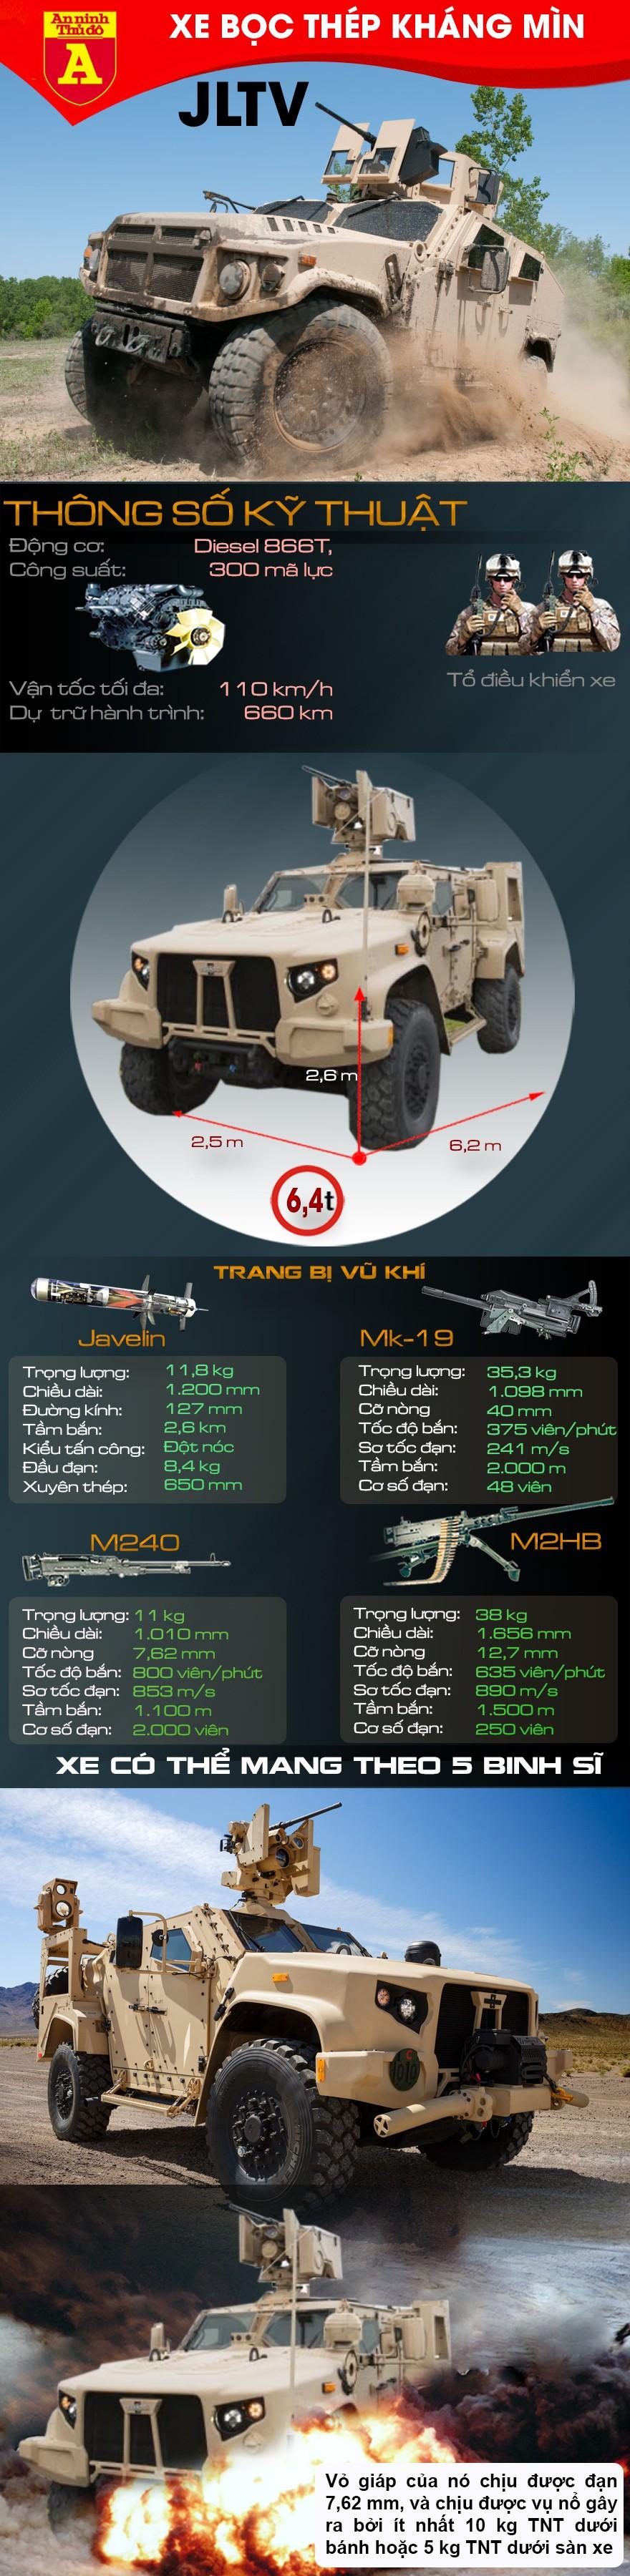 [Info] Mỹ lắp 'sát thủ' Javelin lên hậu duệ Humvee khiến đối thủ kinh hãi trên chiến trường ảnh 2